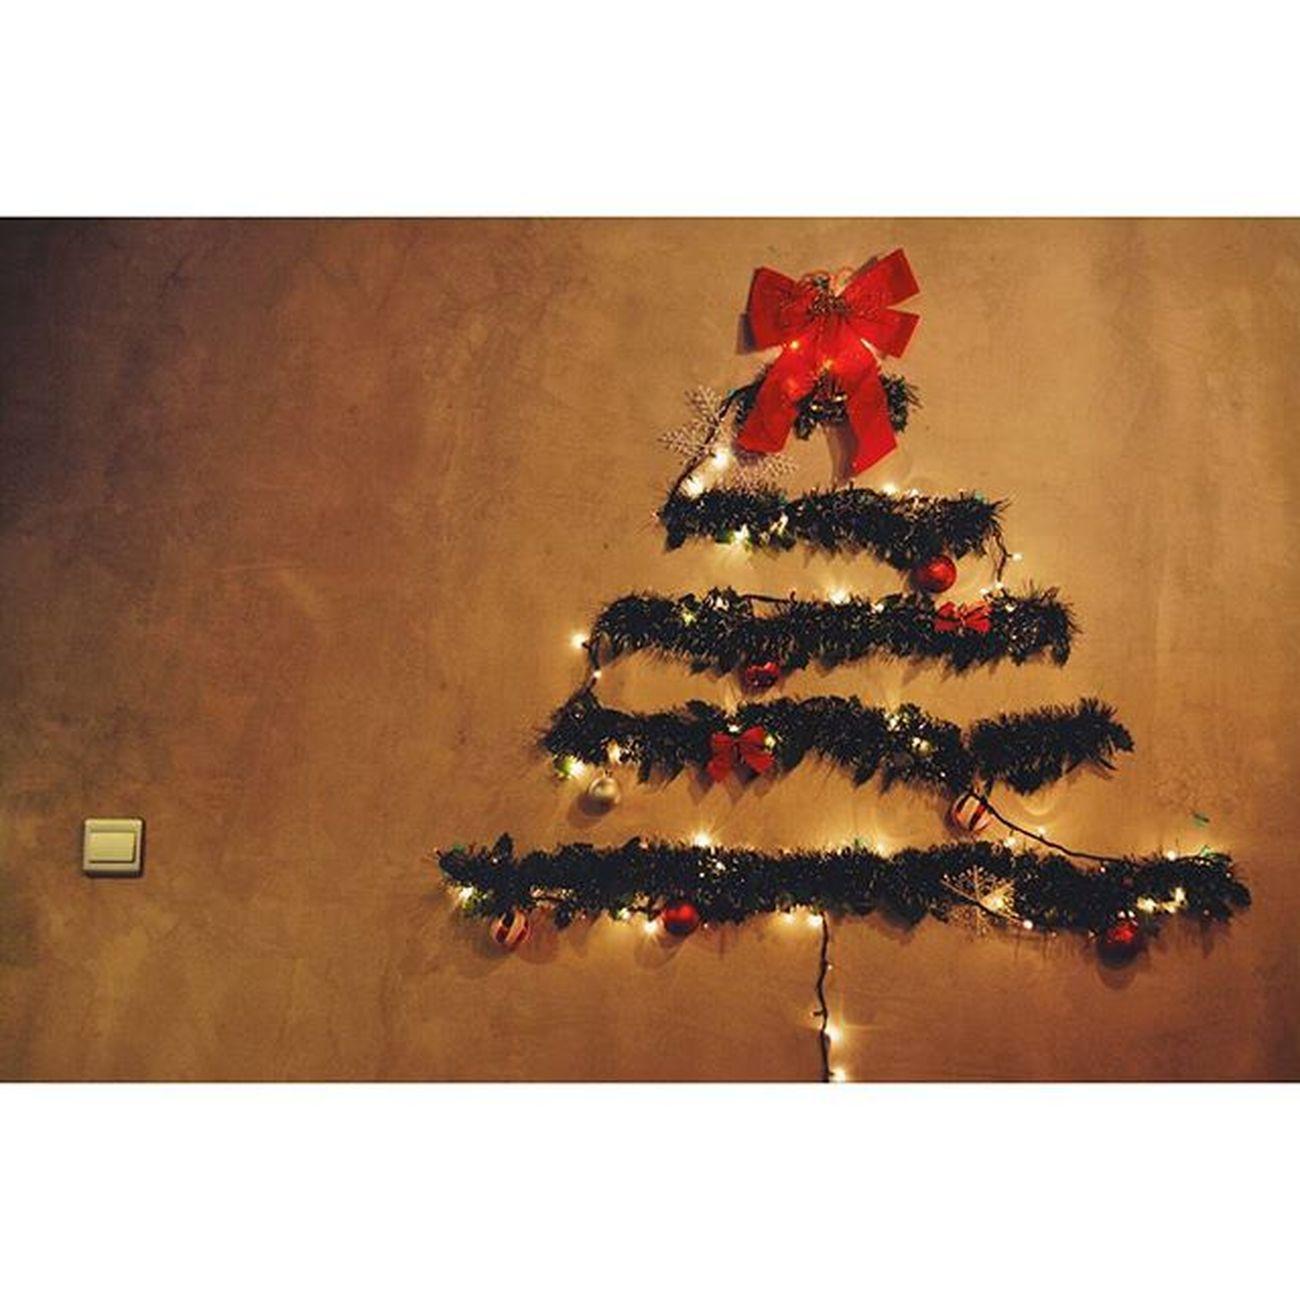 Merry Christmas Eve! 🎉🎉🎁🎁🎄🎄🎅🎅 241215 Thursday Photography Nikon DSLR D5200 Lenovo Portrait Instagram Instapost Instalike Instadaily VSCO Vscofile Vscocam Myalbum